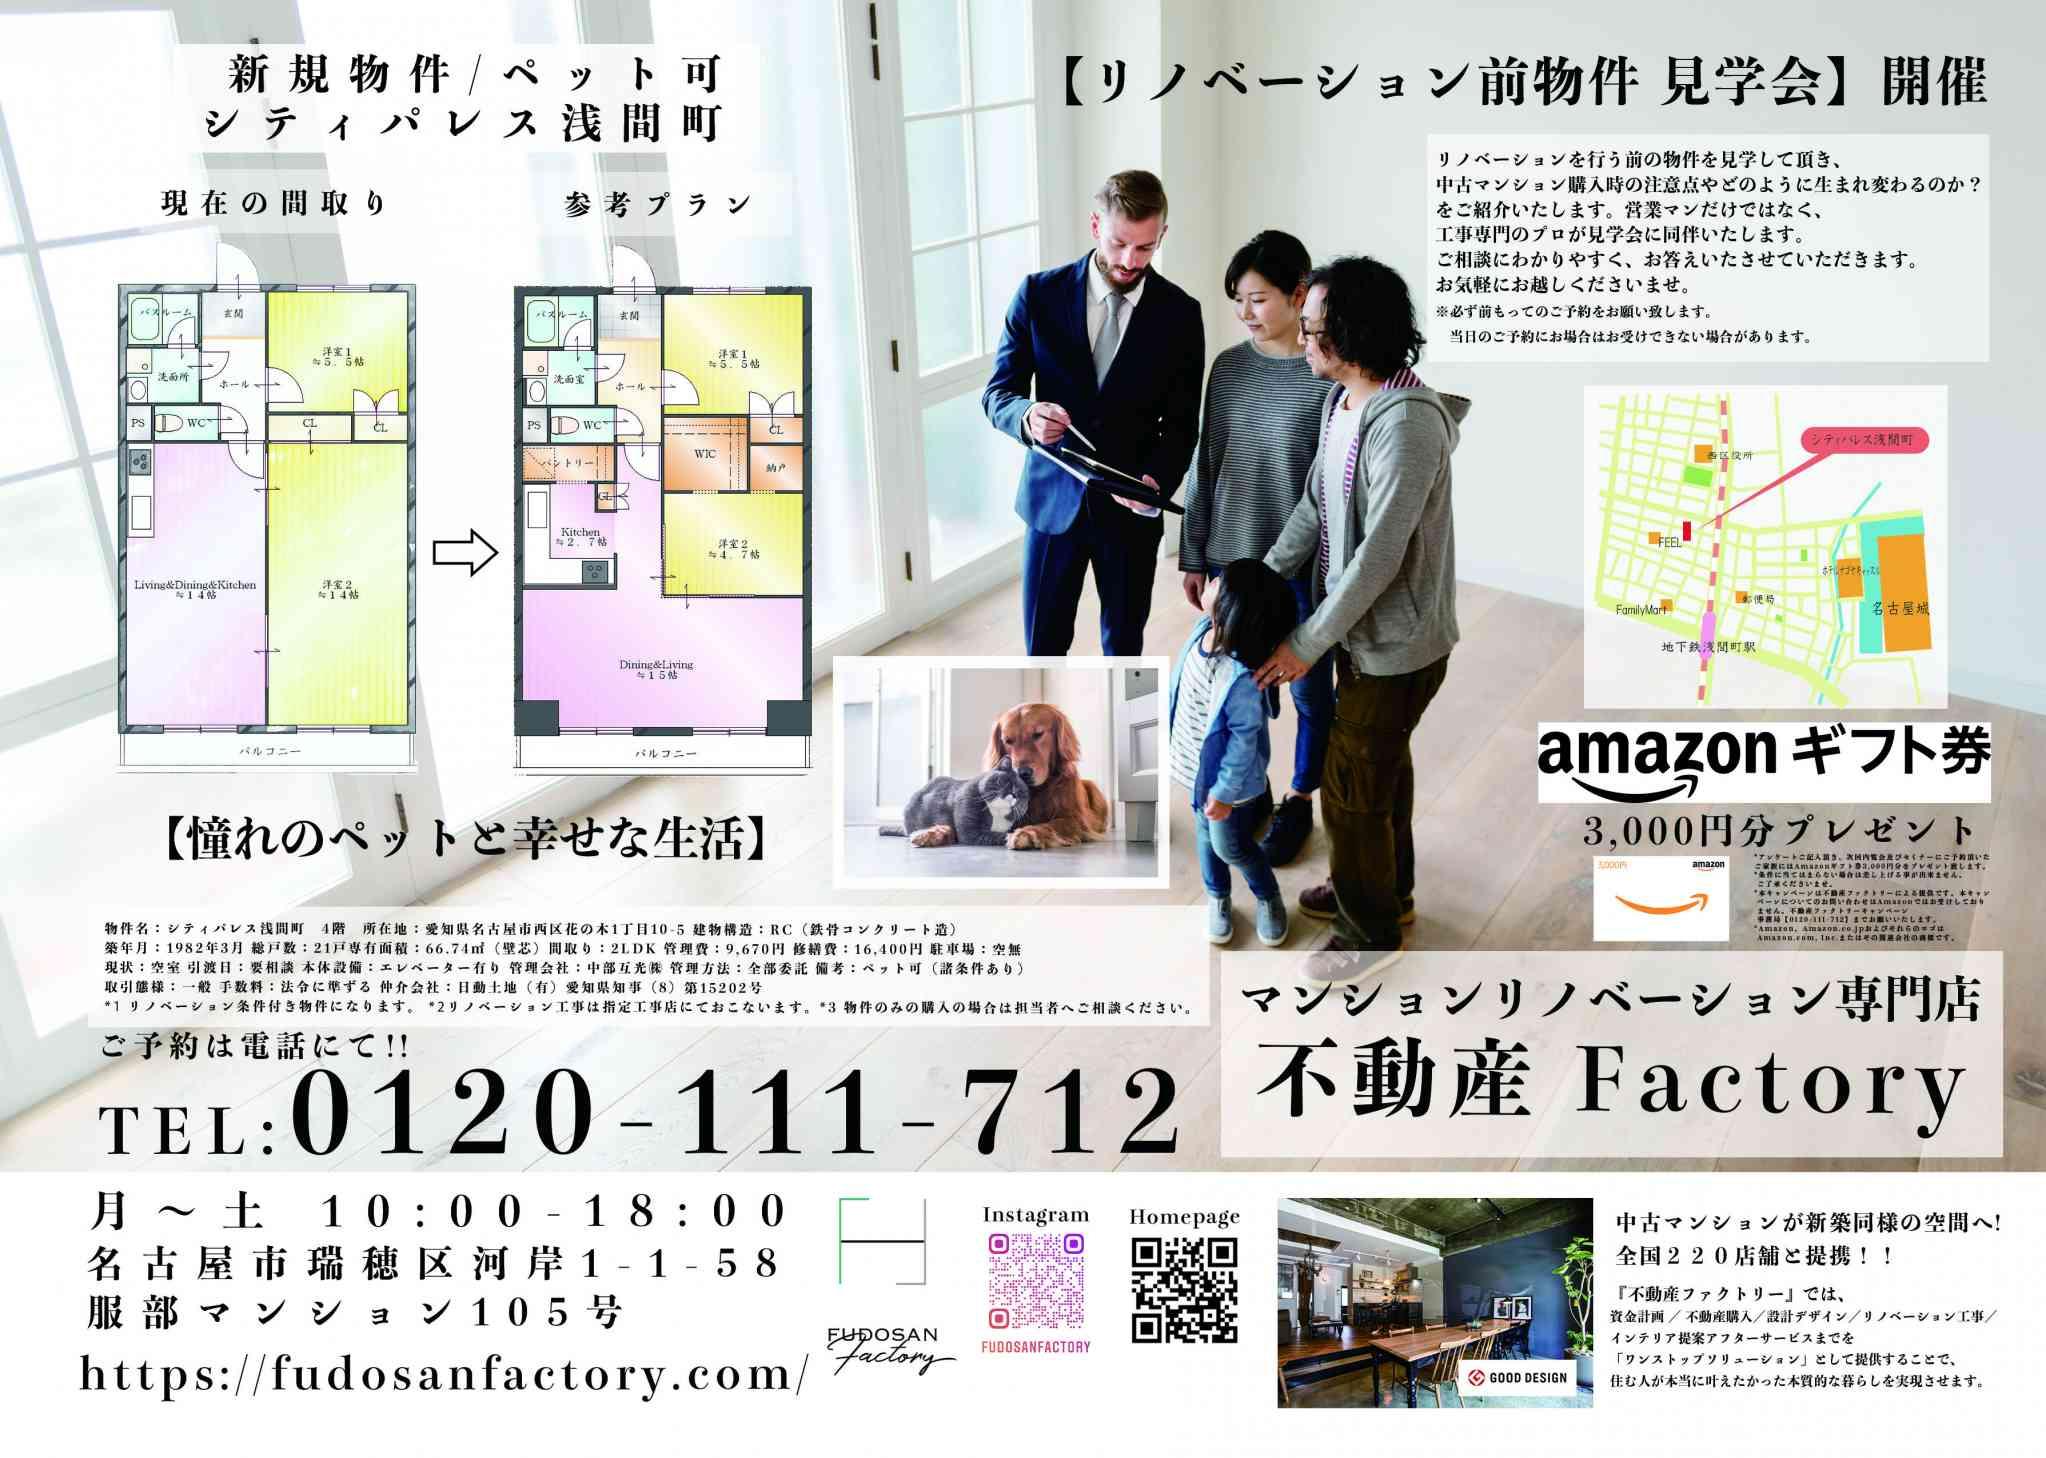 【新登場!! 自社オリジナル物件】浅間町駅まで徒歩5分!!Amazonギフト券3,000円プレゼント!!